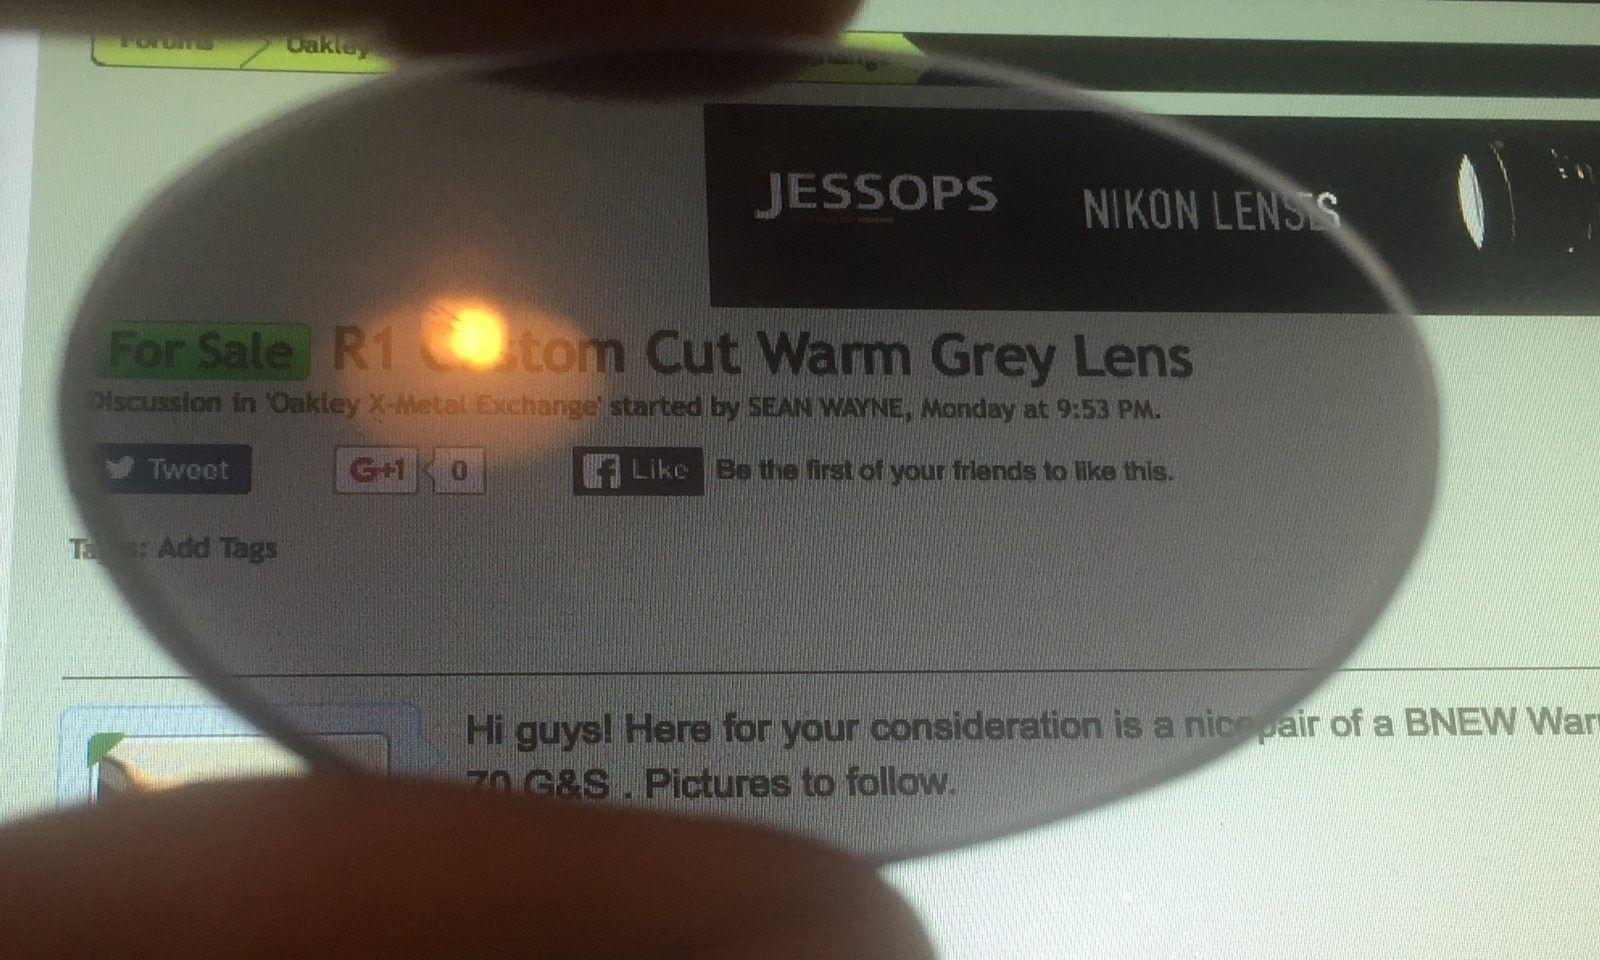 60usd R1 Custom Cut Warm Grey Lens BNEW! - image.jpeg